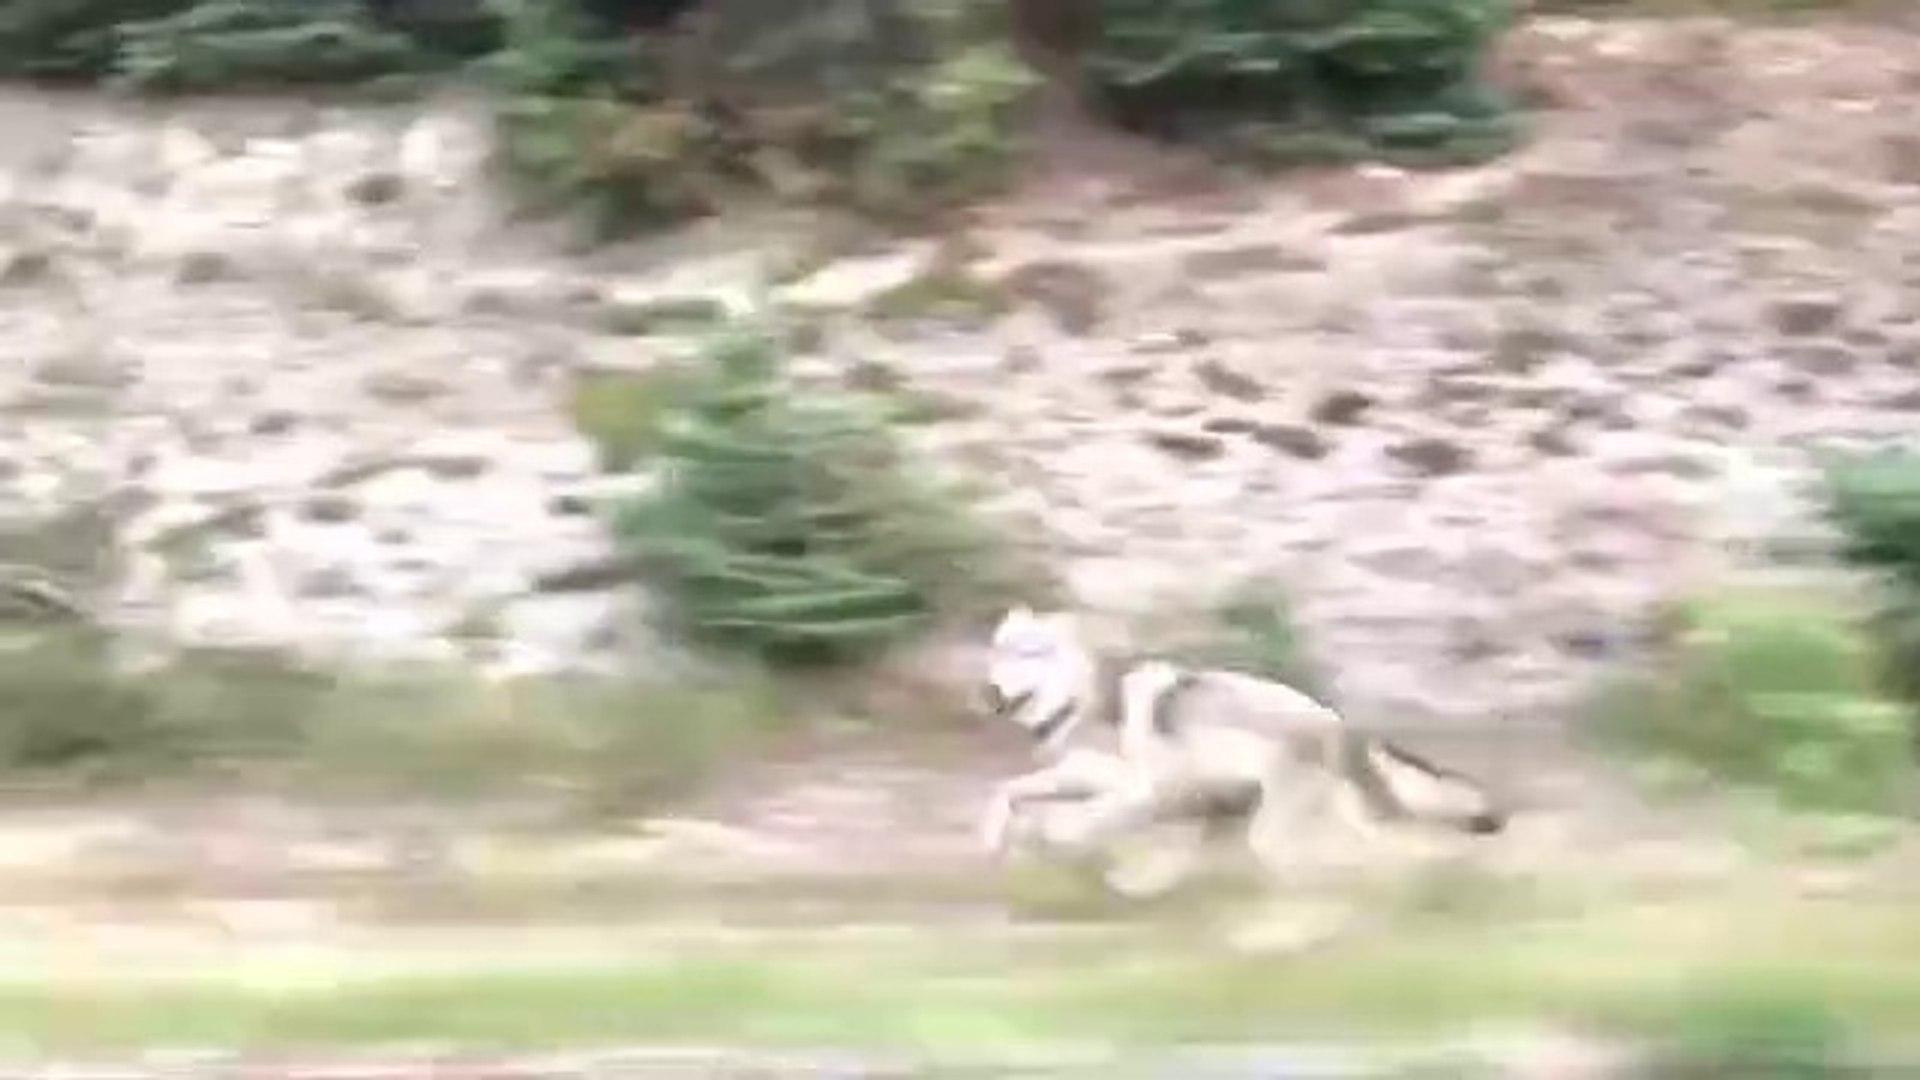 ARABAYI VAR GUCUYLE KOVALAYAN KURT - CAR vs WOLF